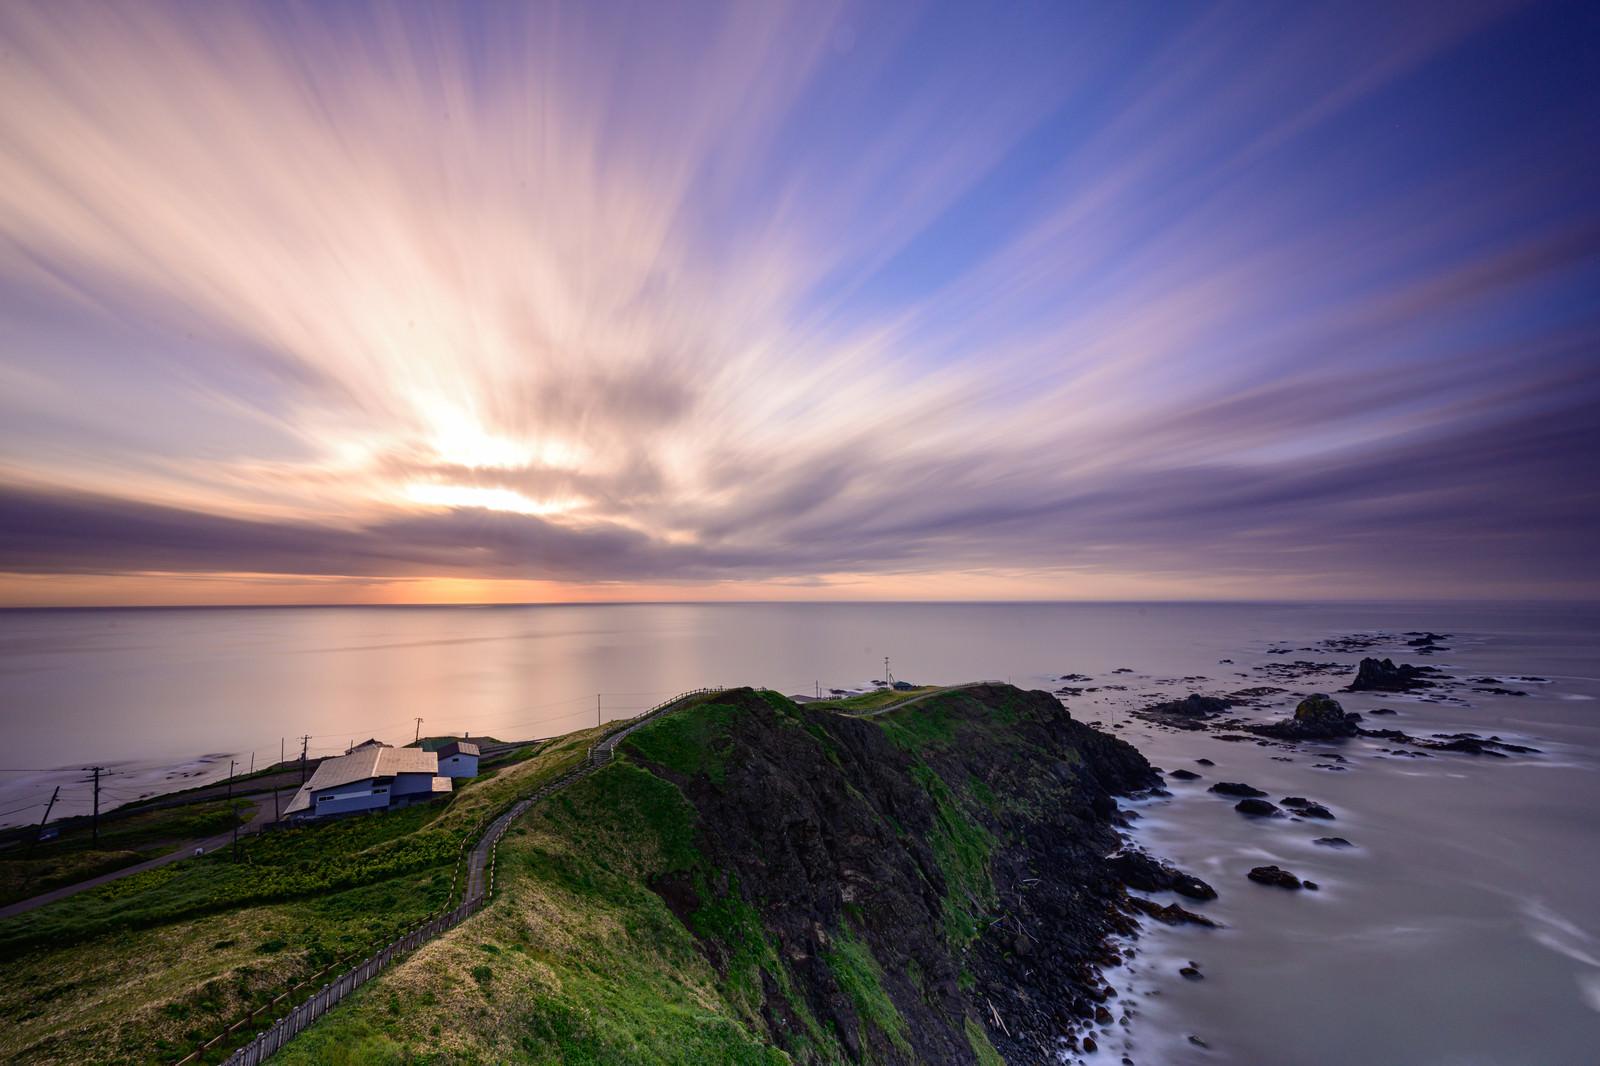 「朝焼けの空と襟裳岬(北海道幌泉郡えりも町えりも岬)」の写真